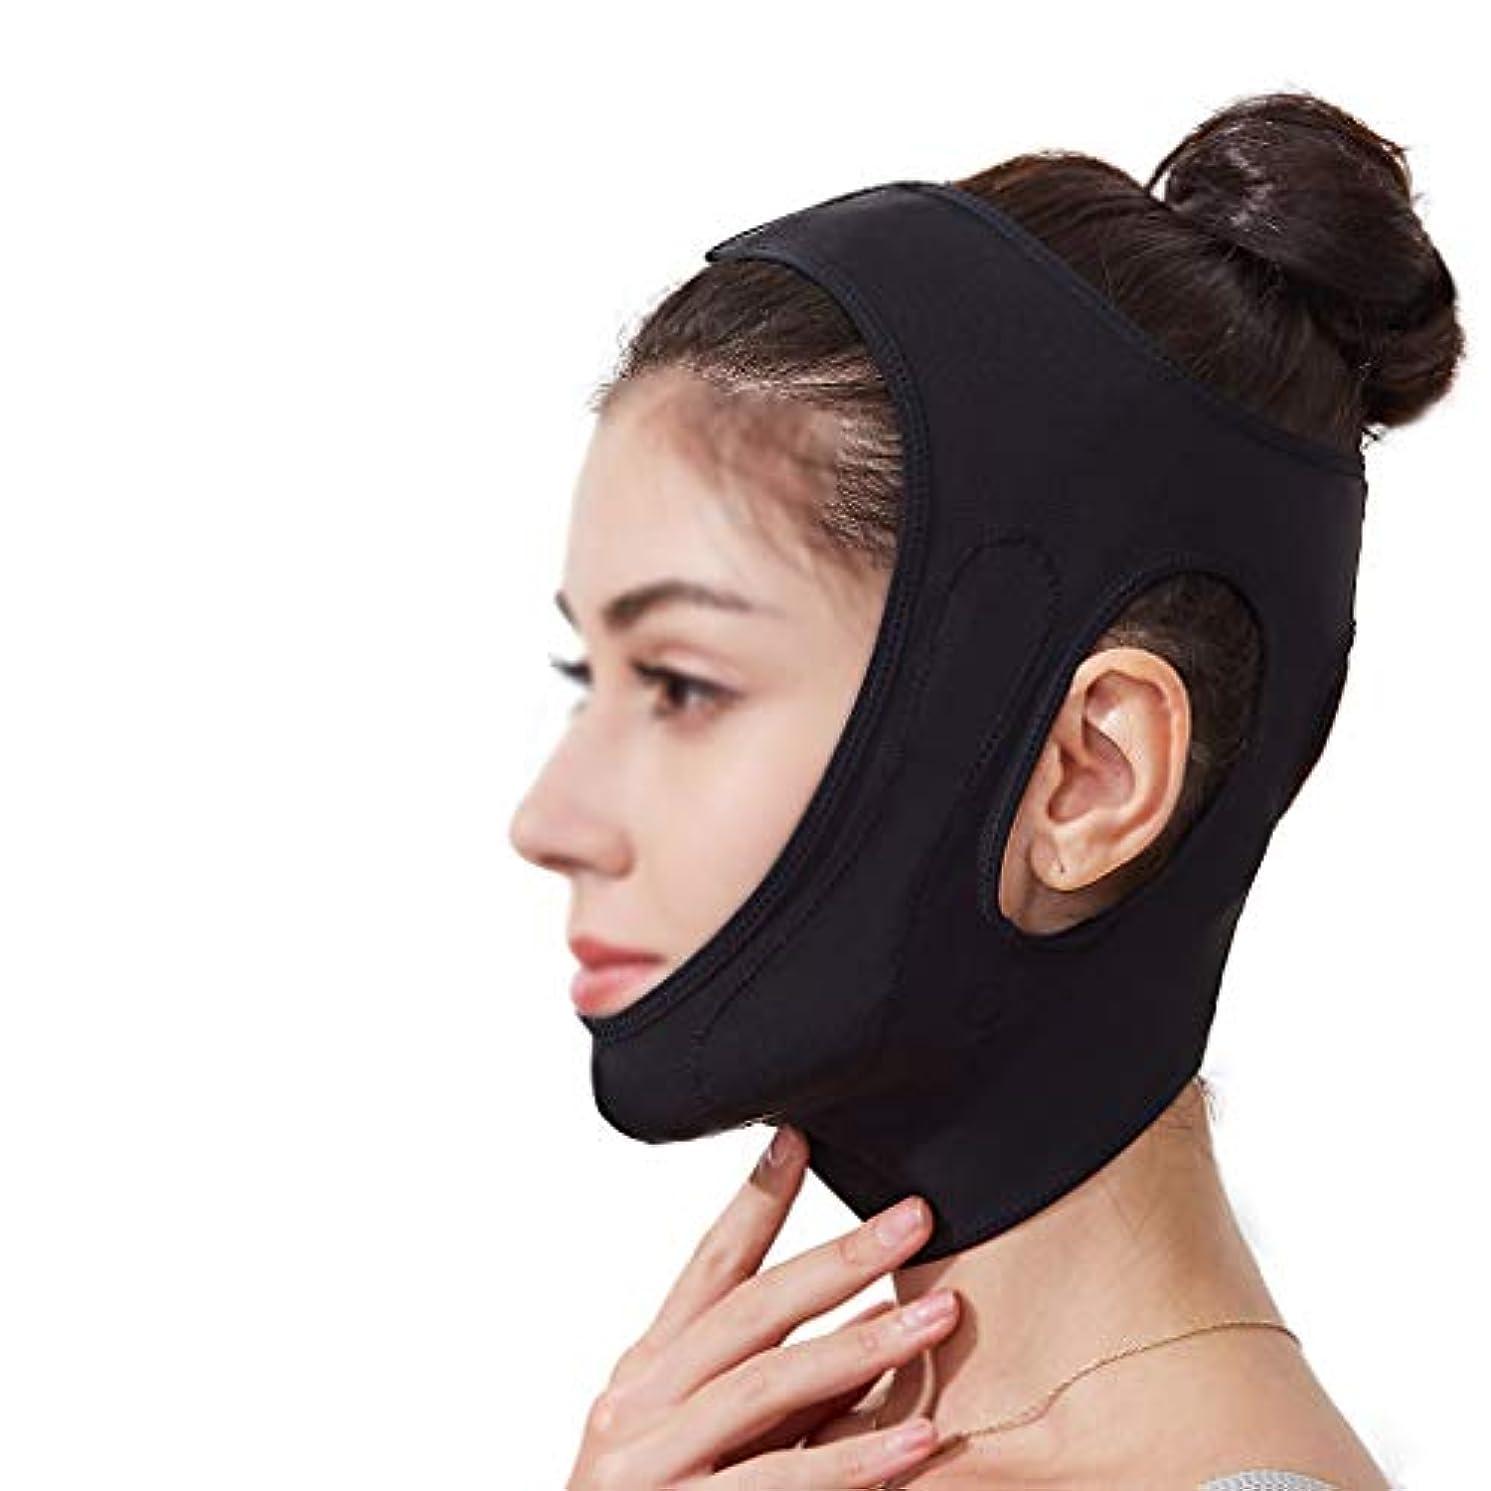 含める休憩する気分GLJJQMY フェイスリフティング包帯フェイシャルチークV字型リフティングマスクアンチシワは、小さなVフェイスを作成するために二重あごの快適な包帯を削減 顔用整形マスク (Color : Black)